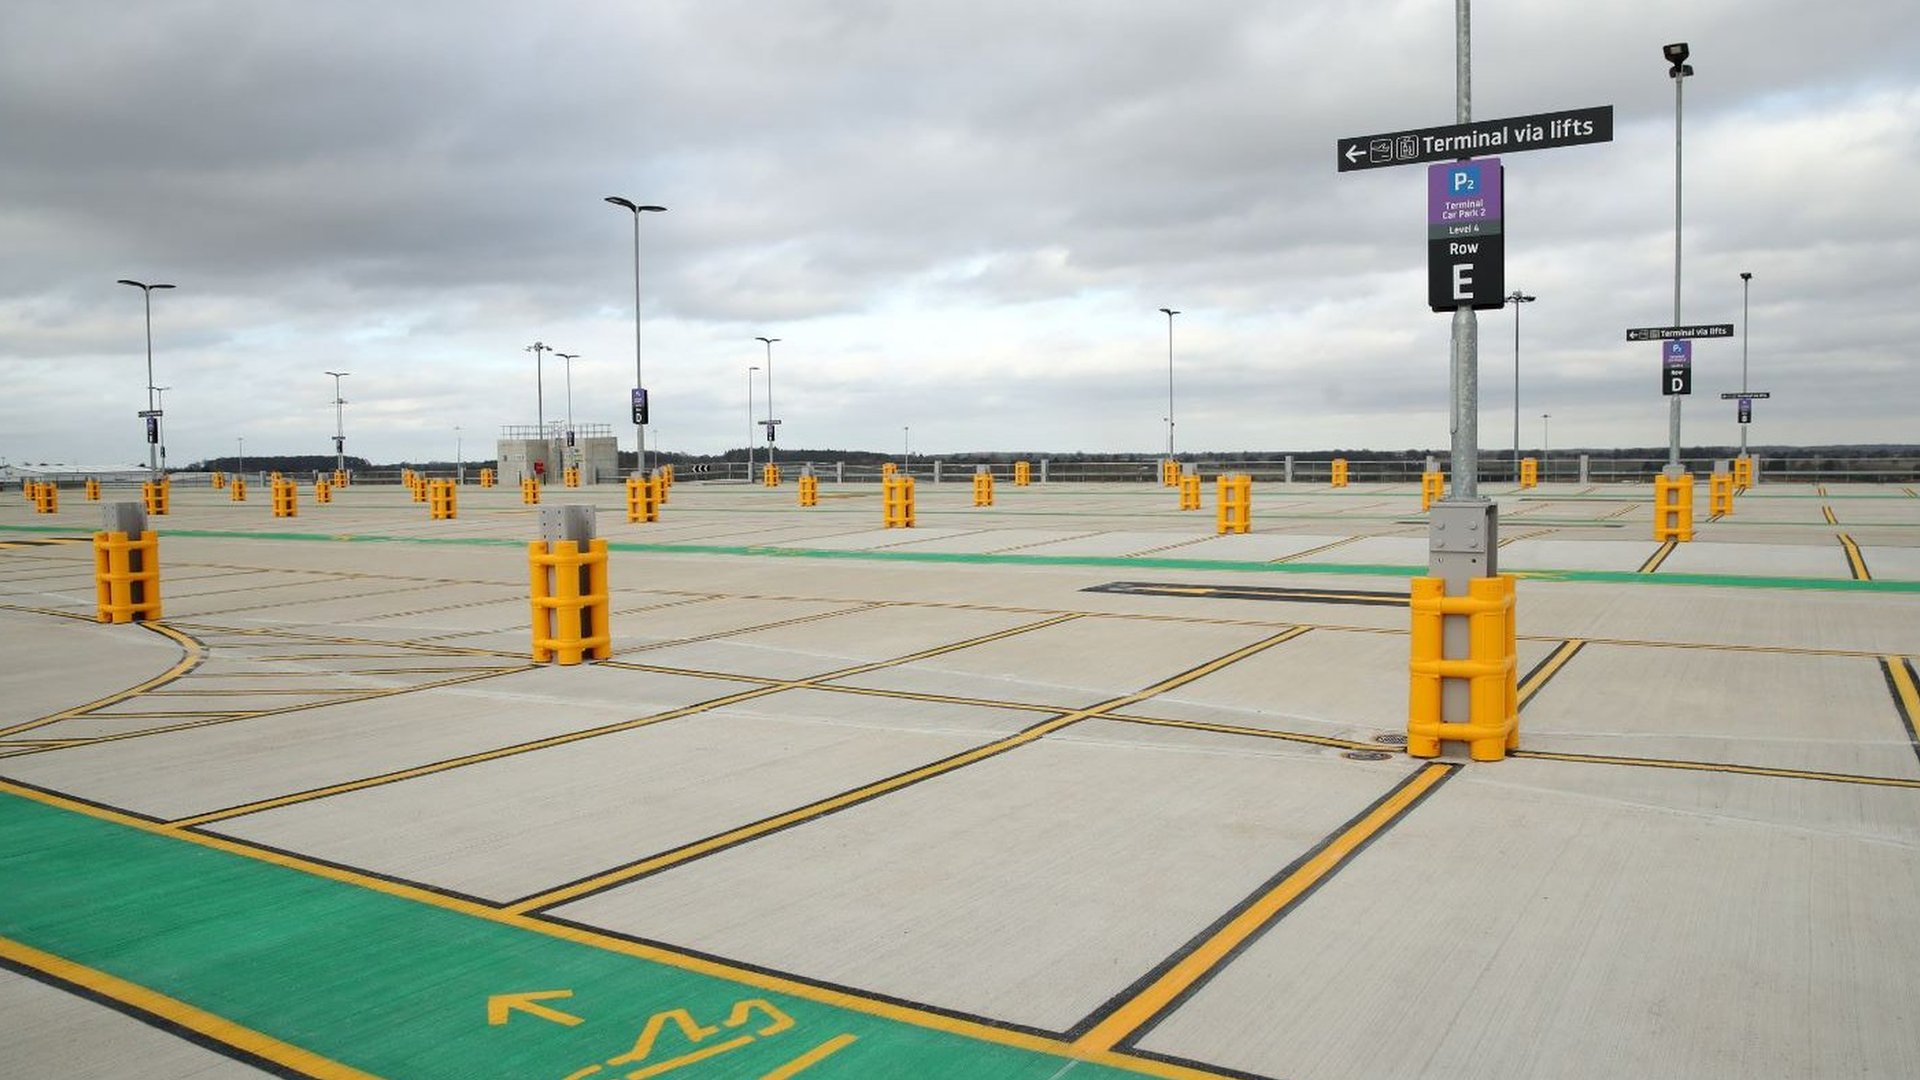 Luton Airport car park